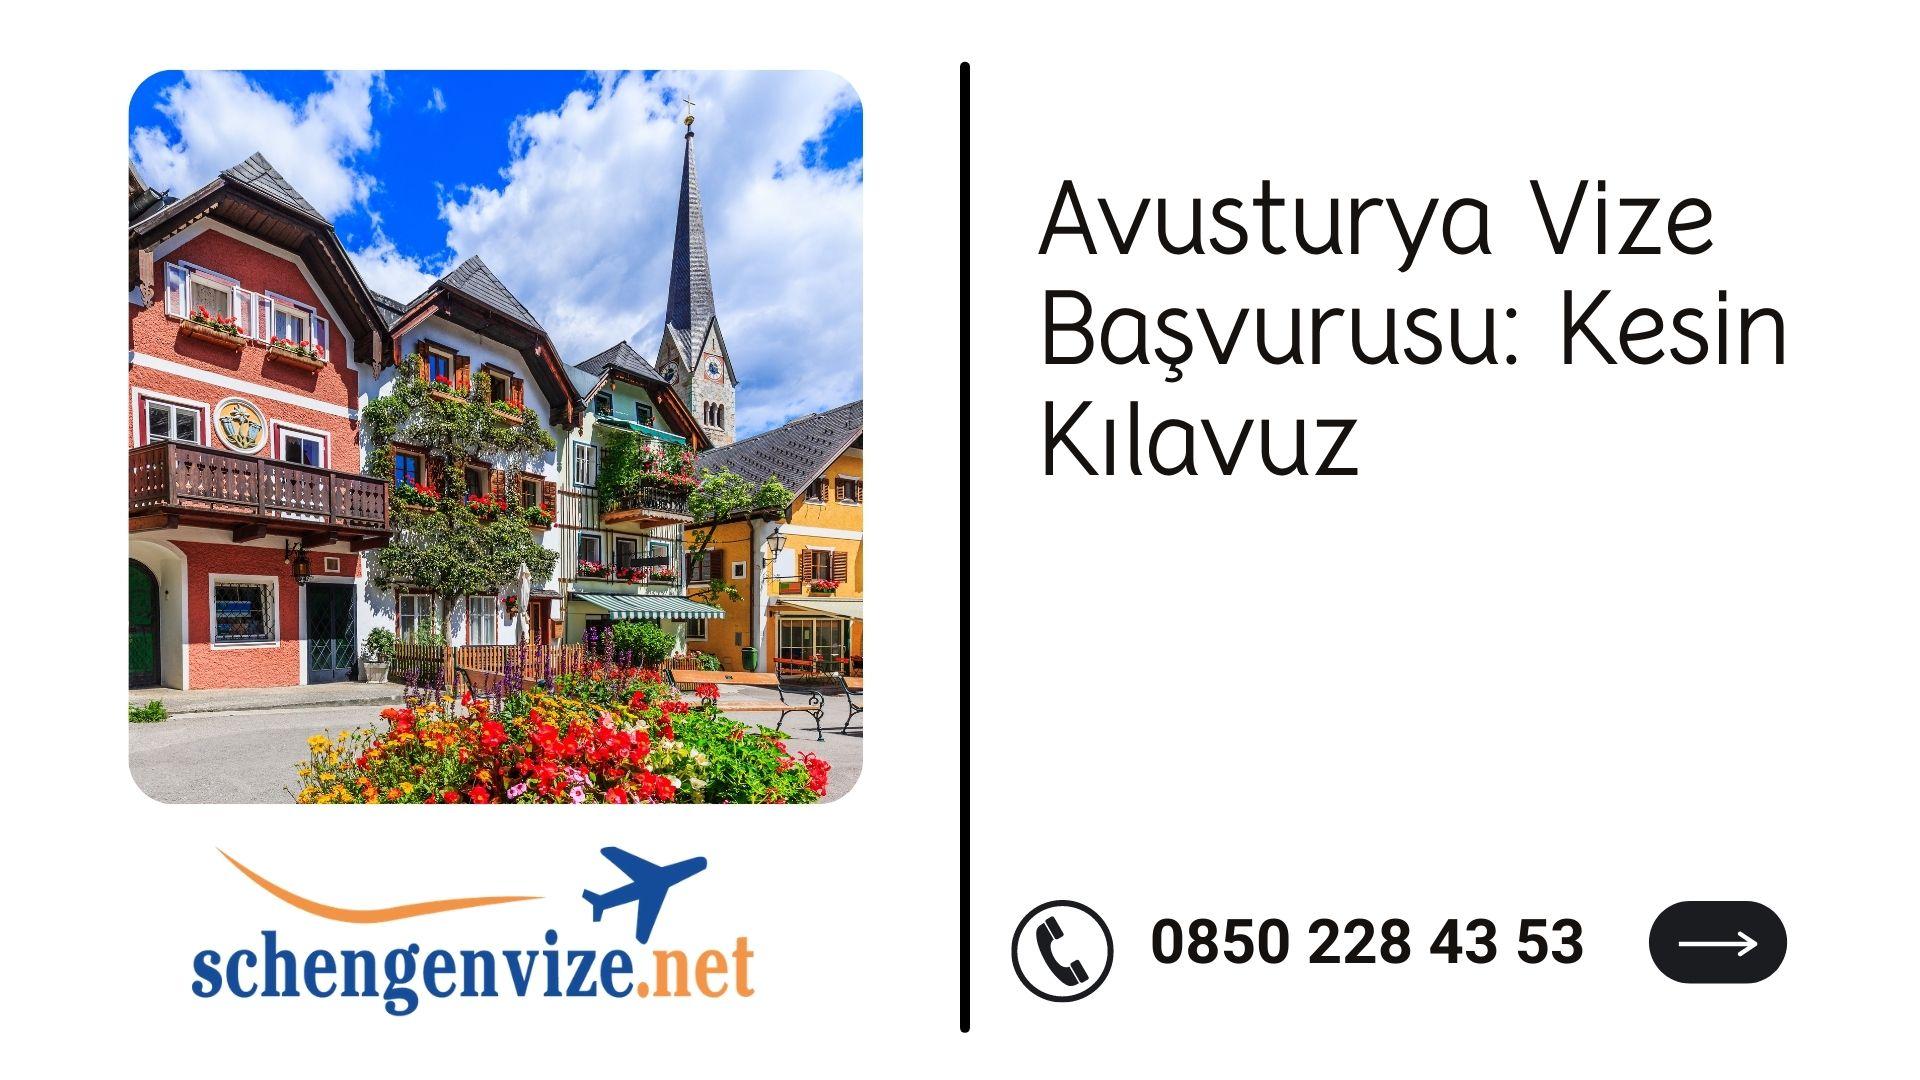 Avusturya Vize Başvurusu: Kesin Kılavuz 2021